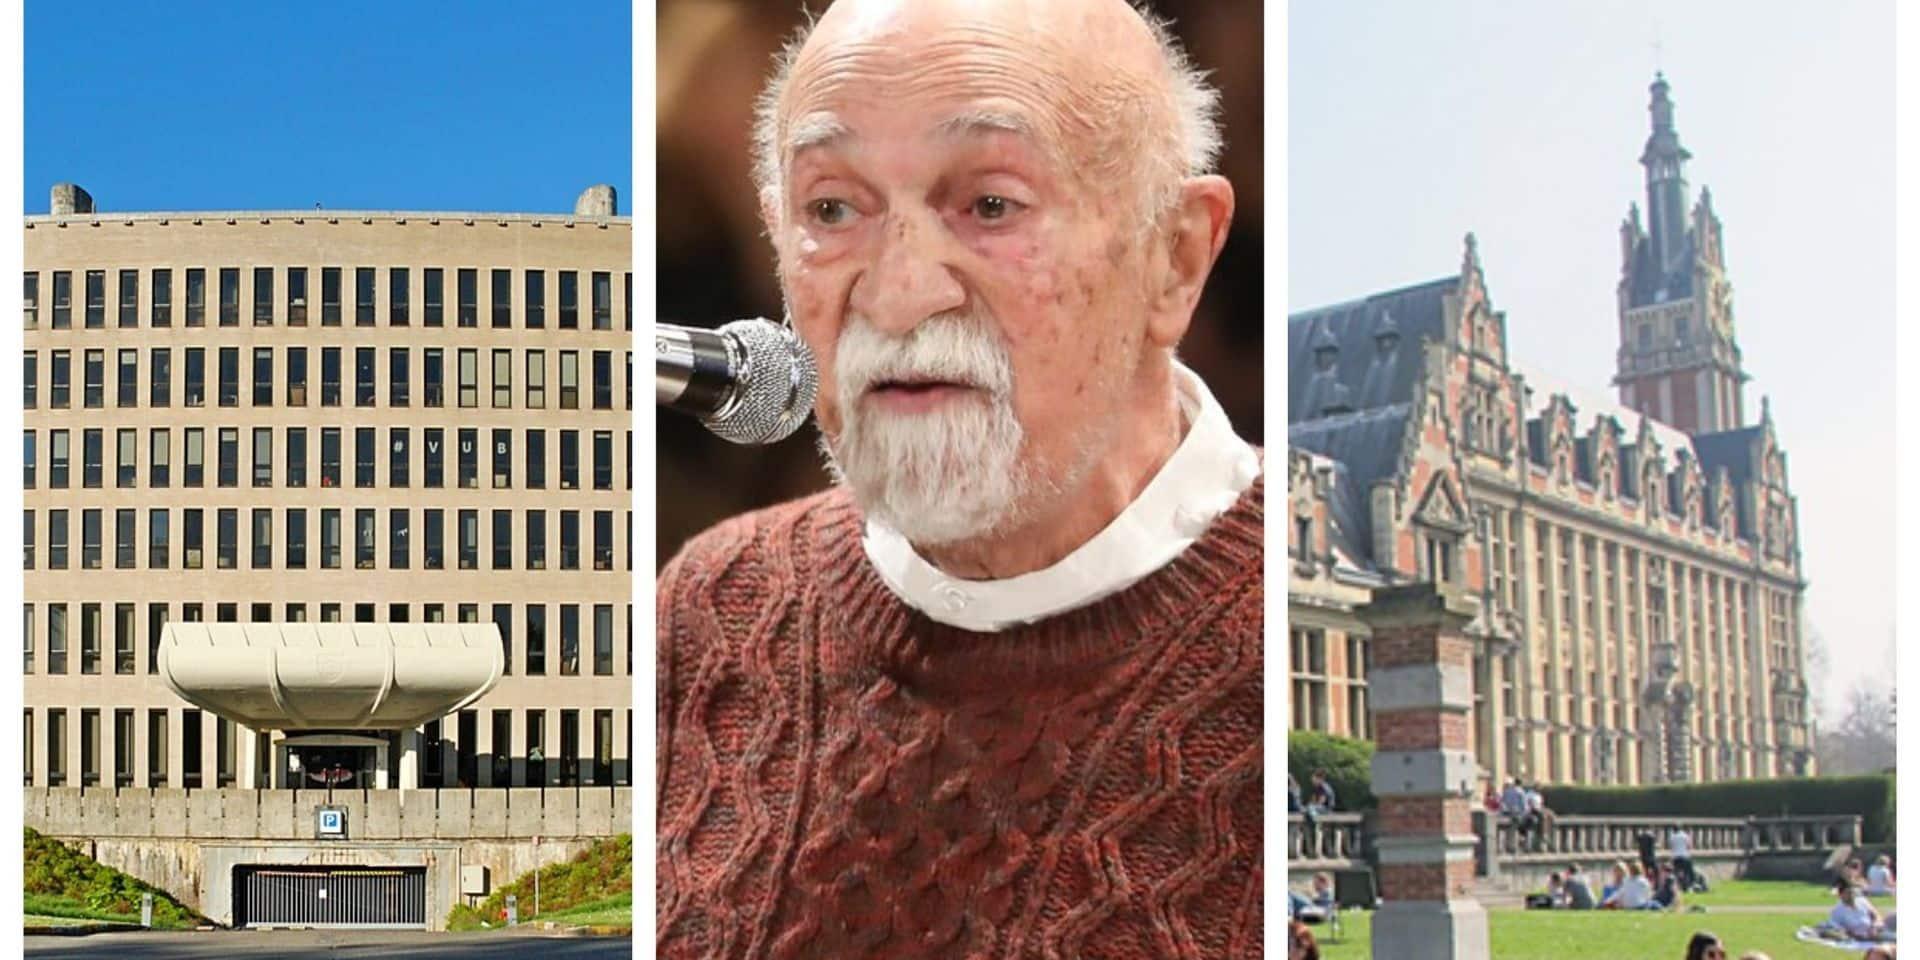 Les docteurs honoris causa de la VUB et de l'ULB : une amitié symbole d'espoir et de paix